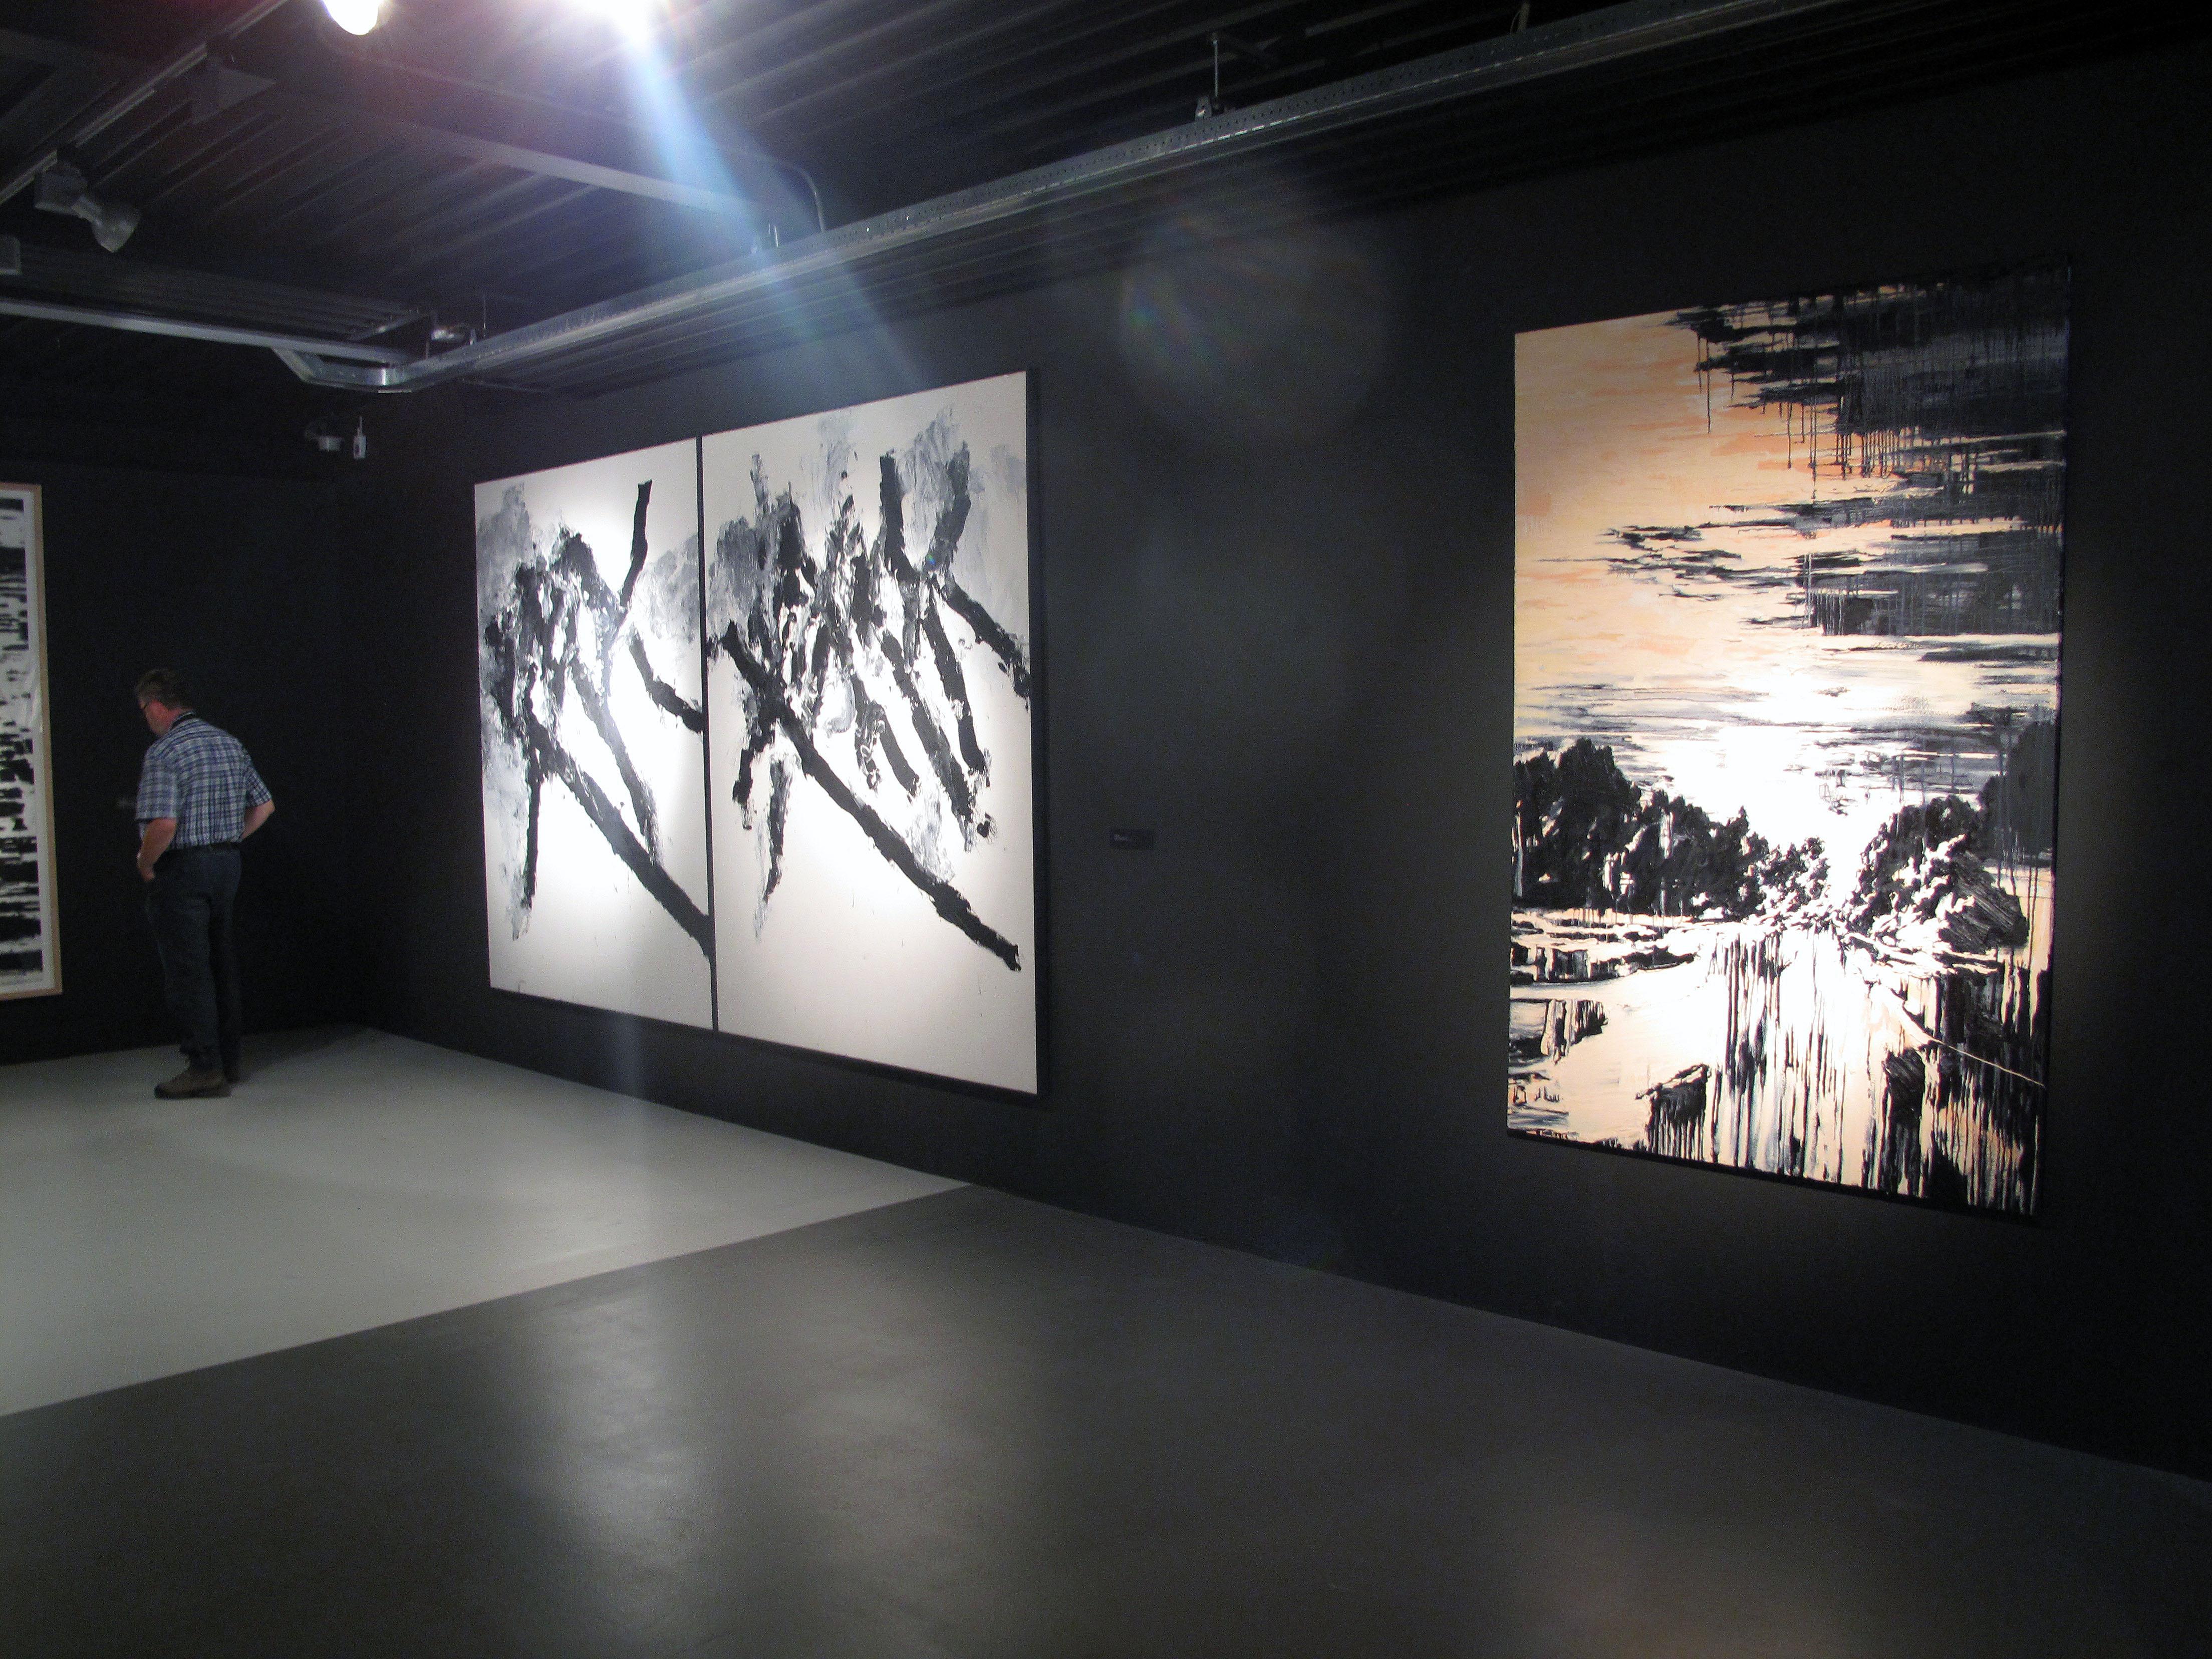 New acquisitions, Van Bommel van Dam Museum, Venlo (2011)